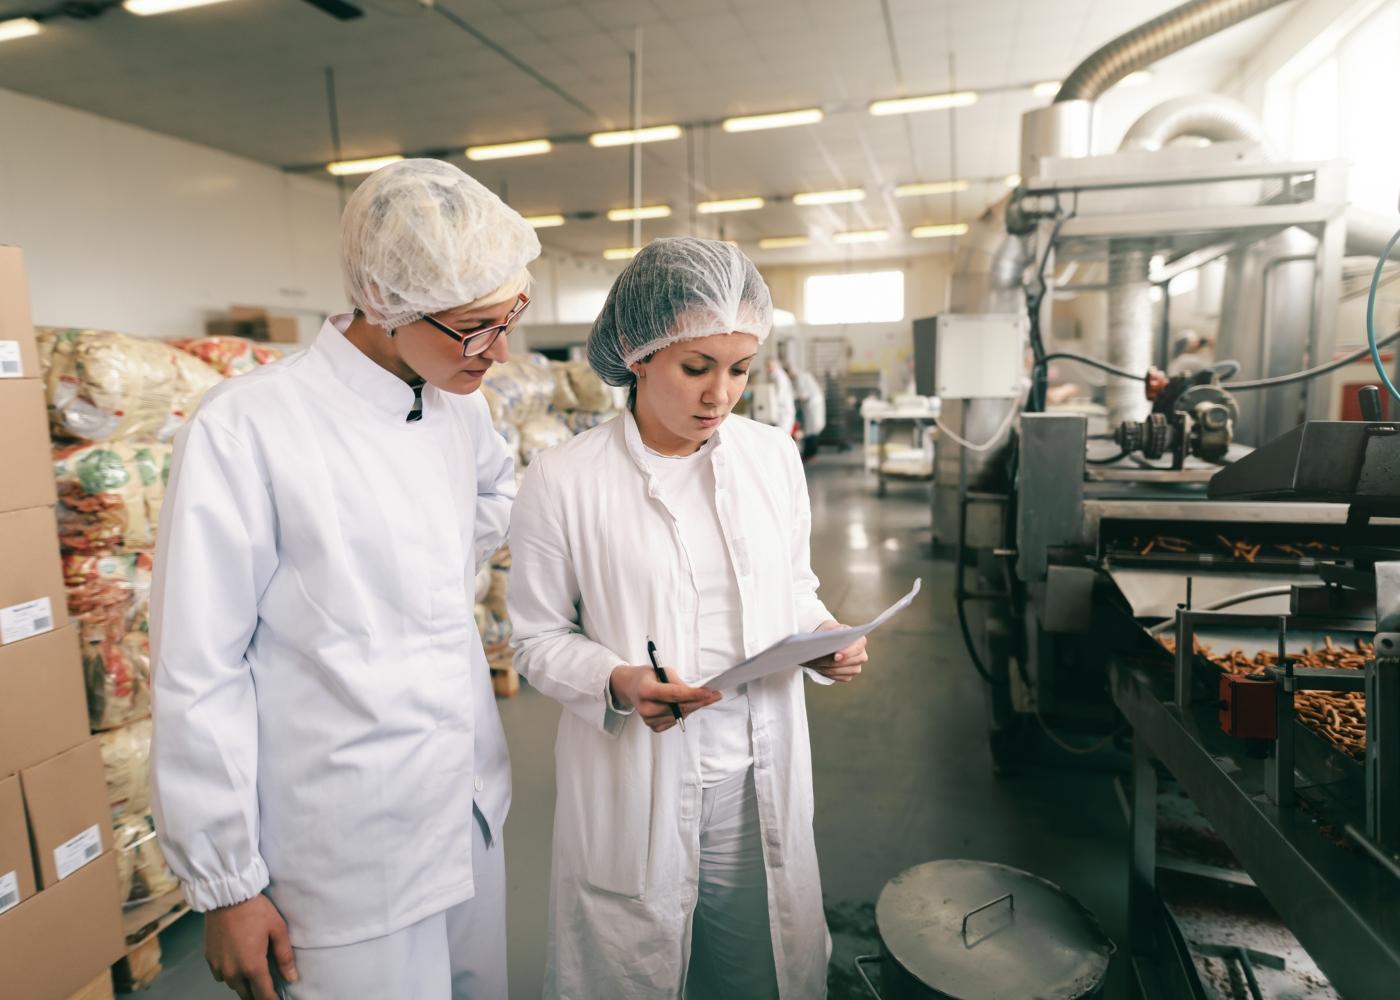 trabalhadoras numa fábrica a verificar produto